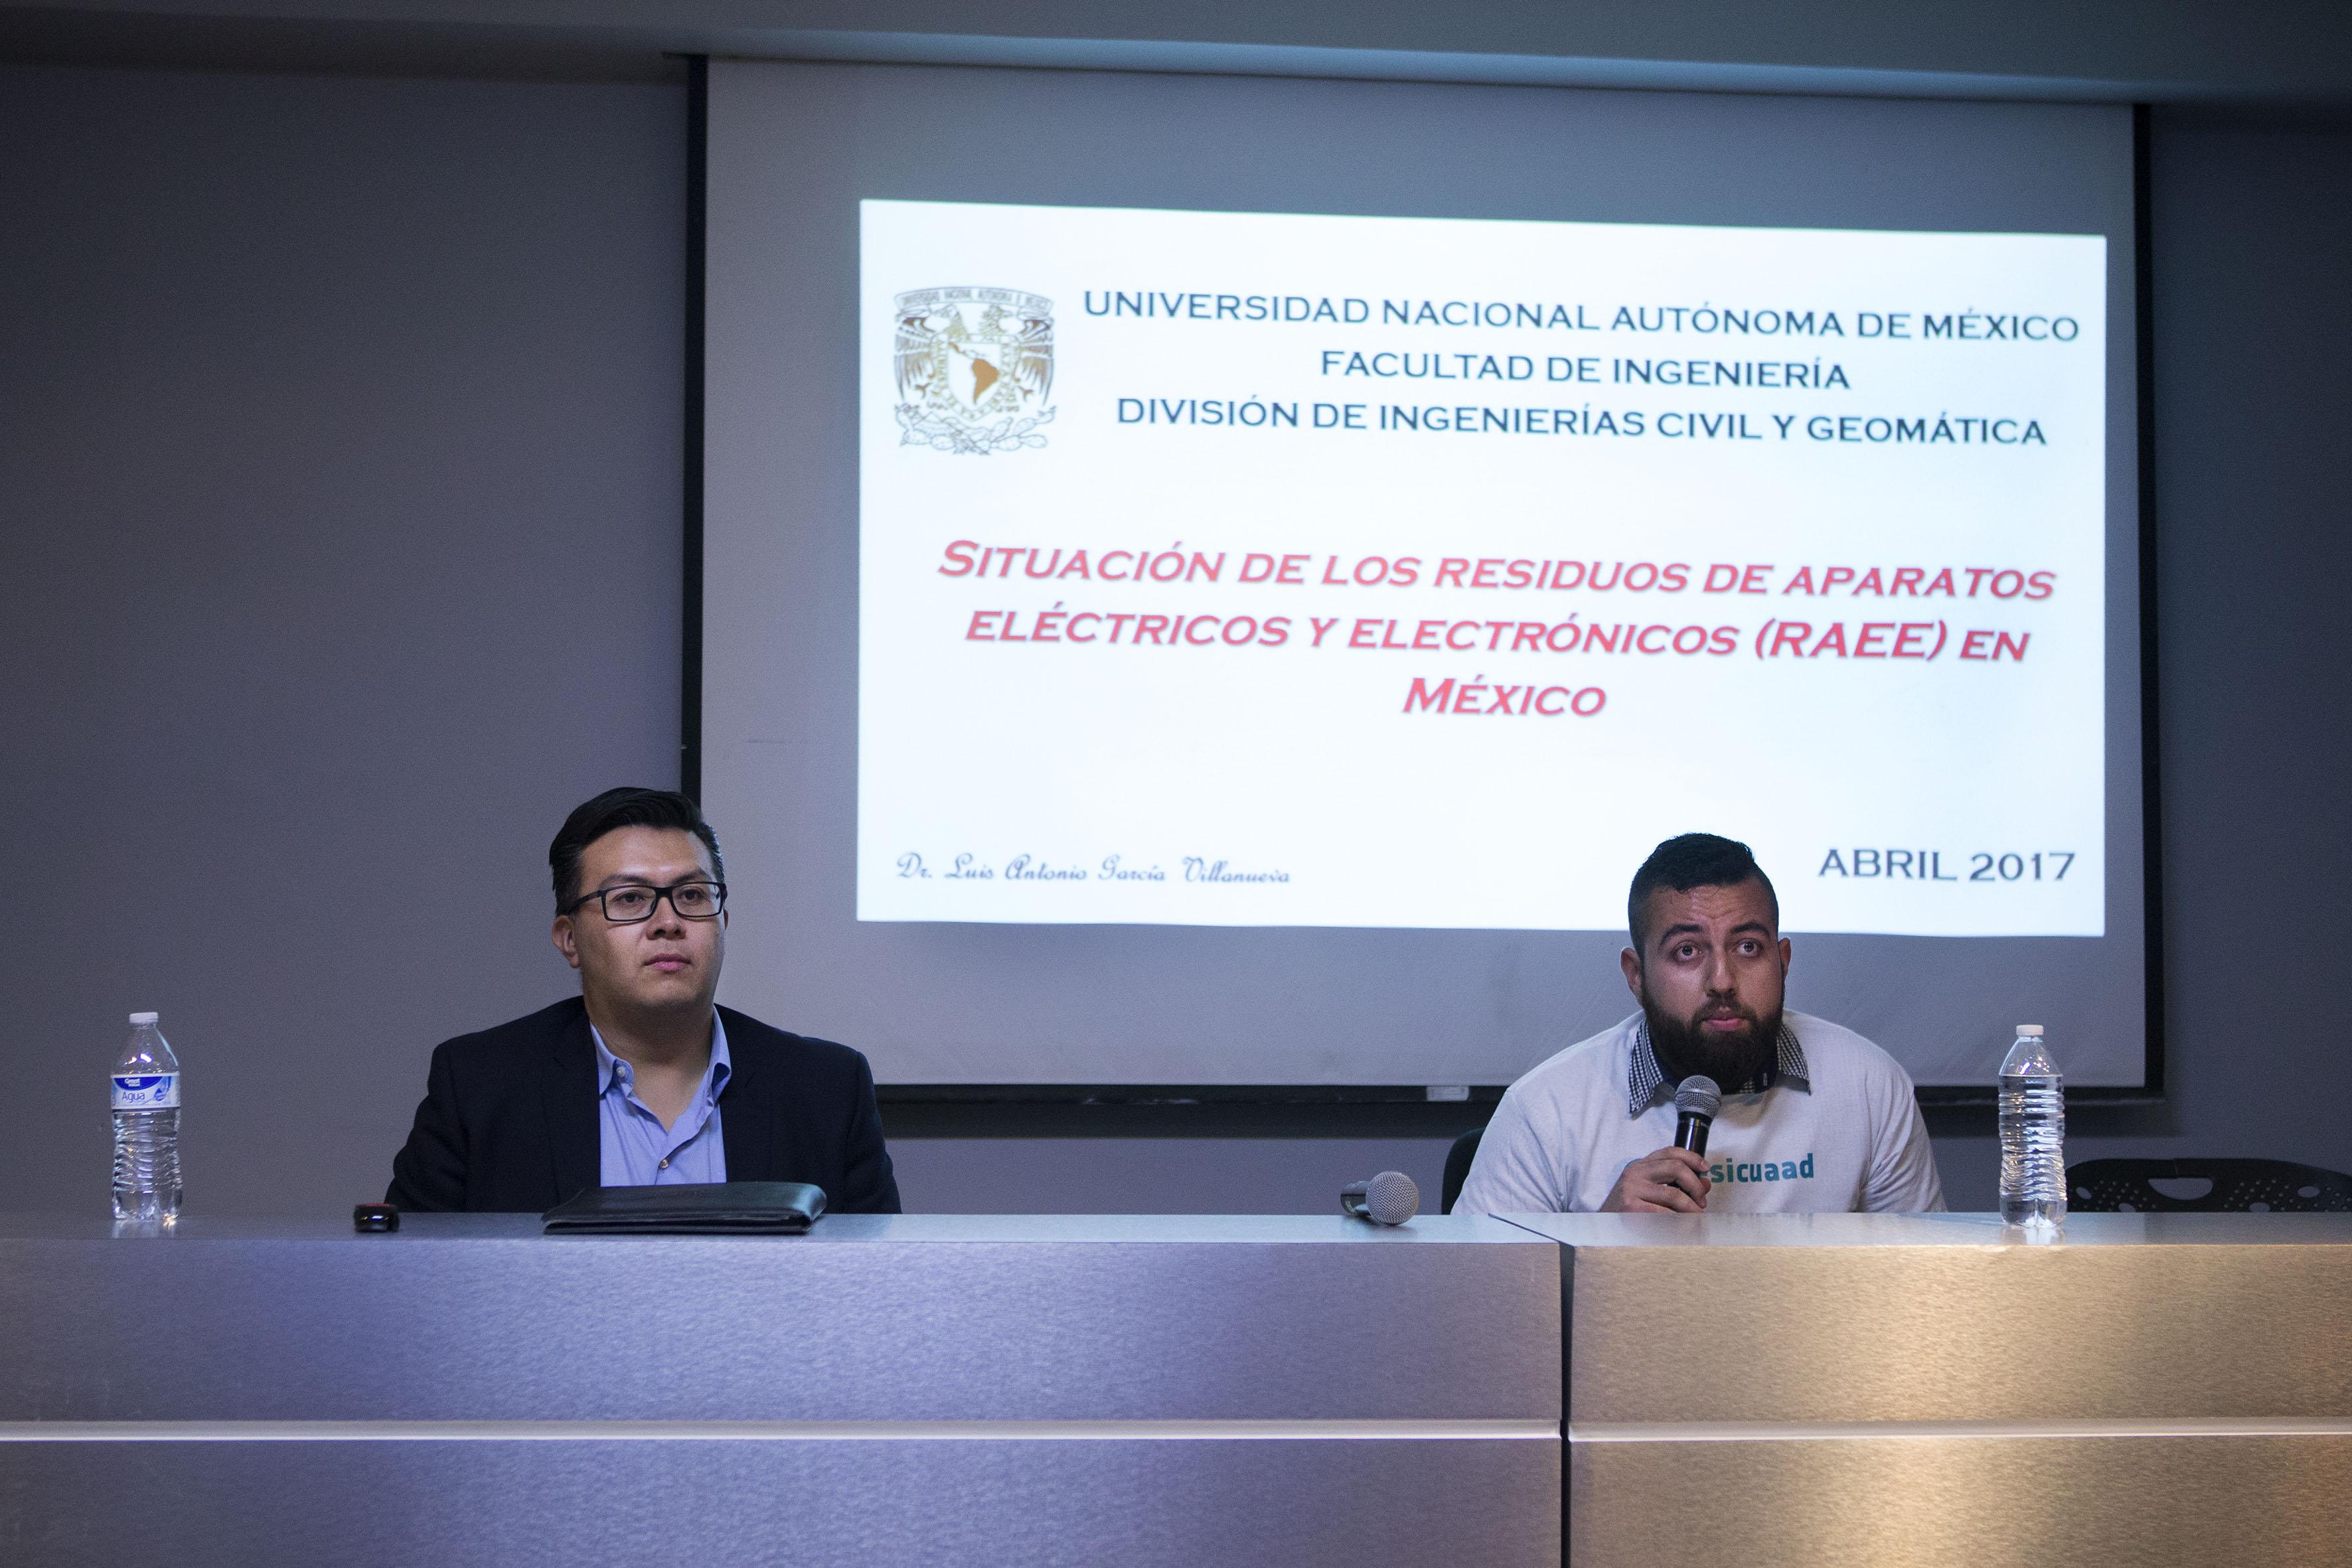 """Conferencia """"Situación de los residuos de aparatos eléctricos y electrónicos (RAEE) en México"""", organizada por el Centro Universitario de Arte, Arquitectura y Diseño (CUAAD)."""